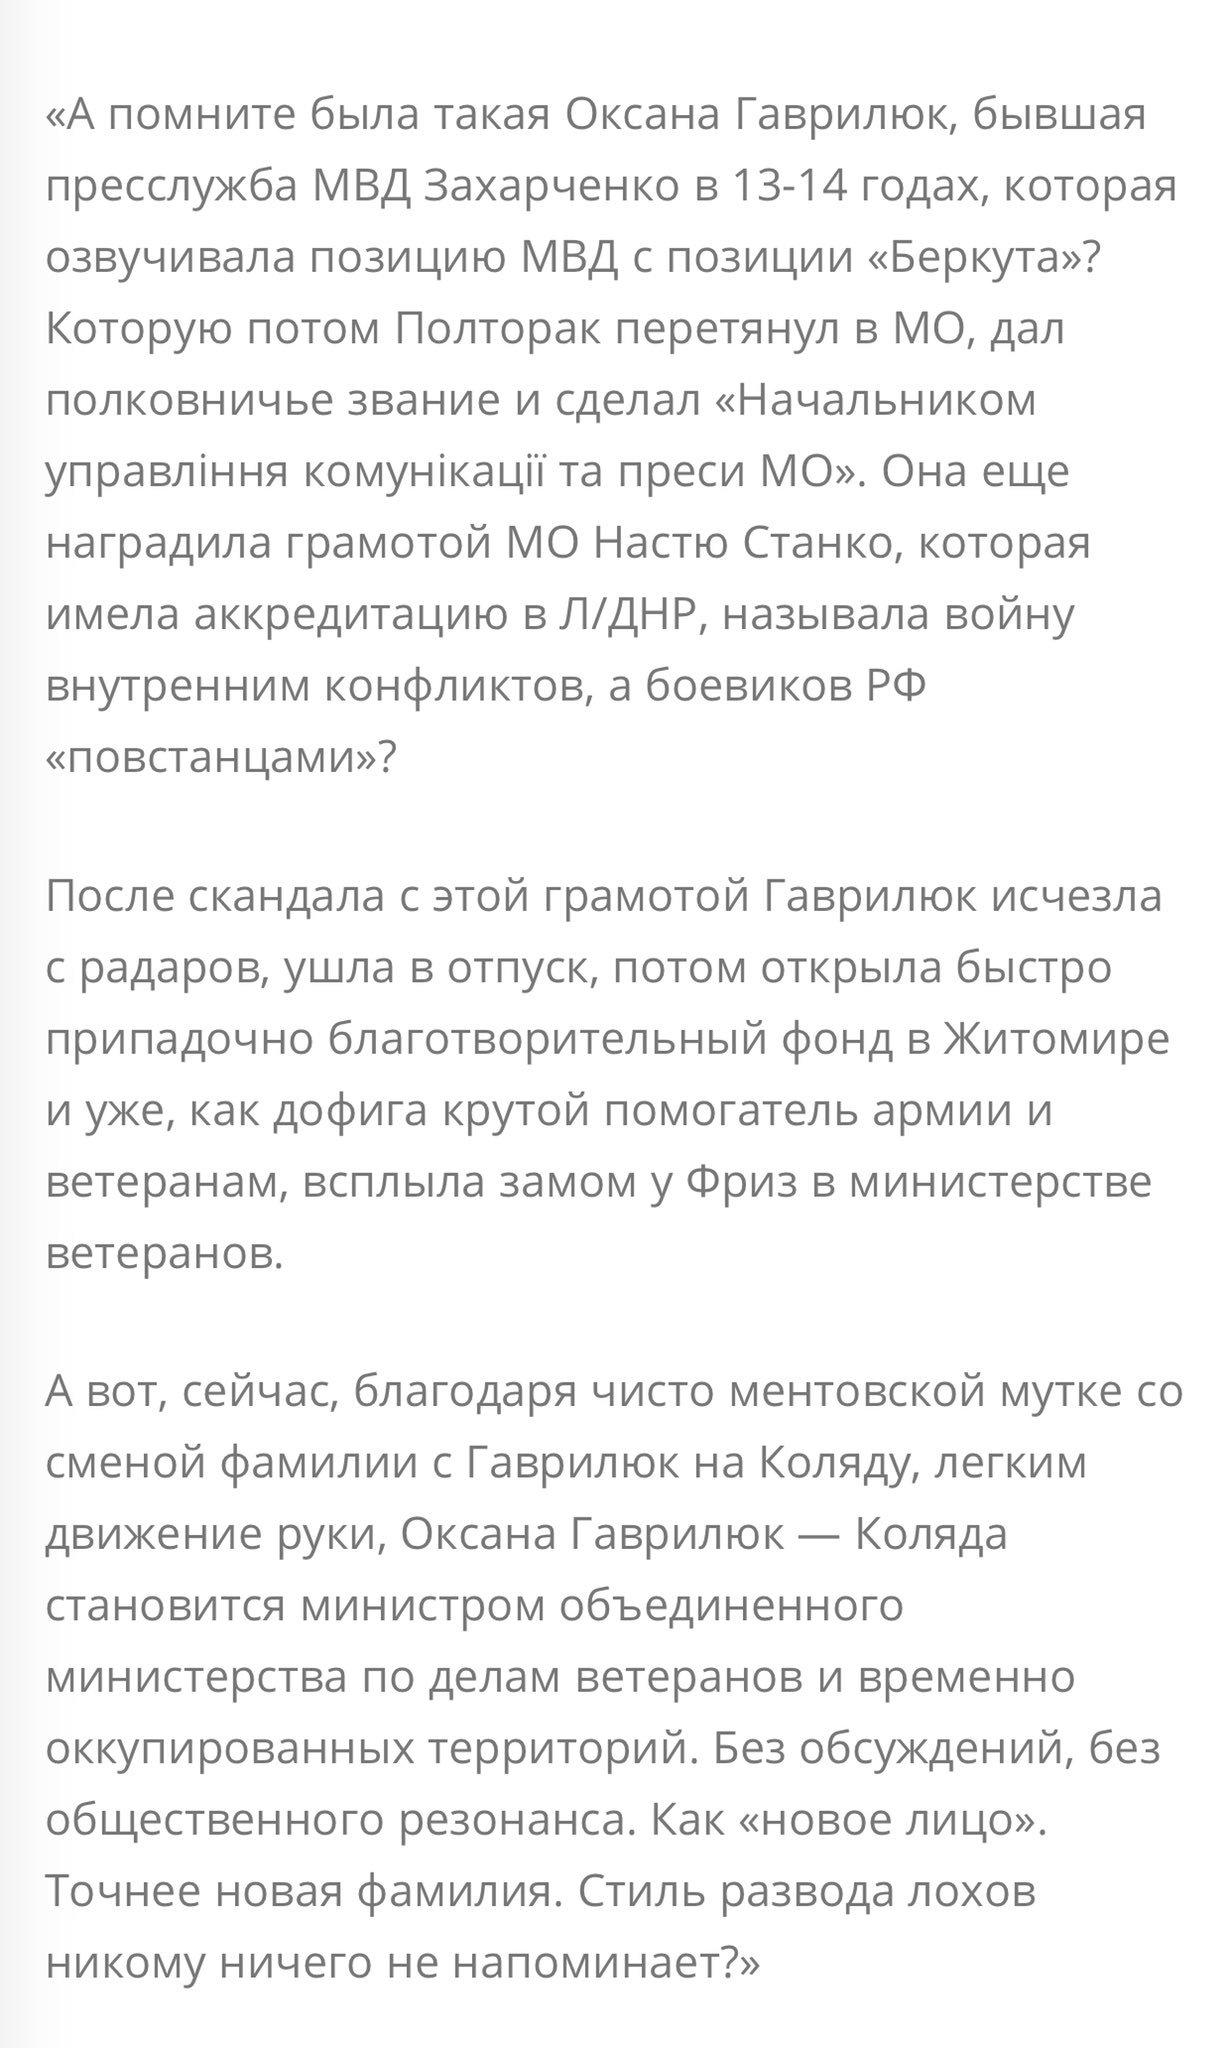 14 українських військовослужбовців, які отримали поранення в зоні АТО/ООС, вилетіли на лікування в Латвію - Цензор.НЕТ 6864